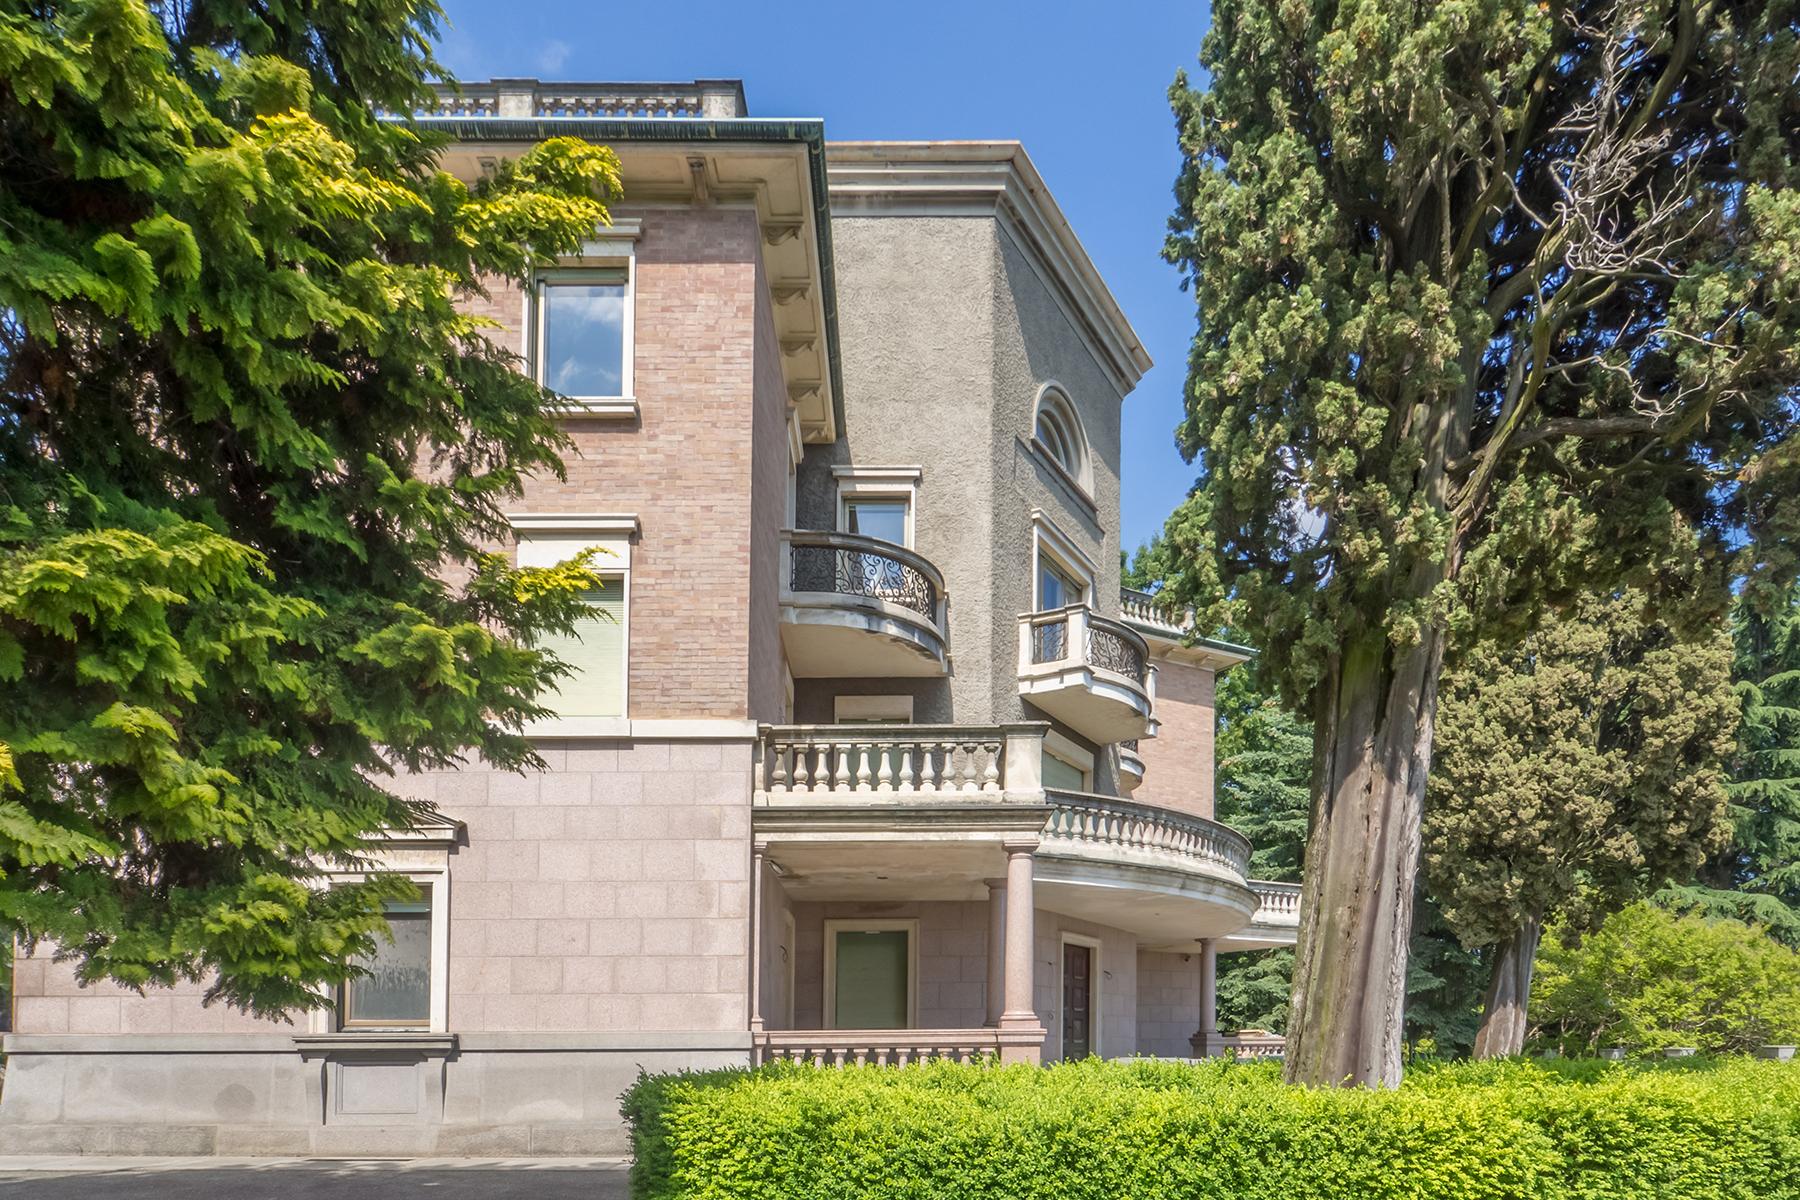 Appartamento in Vendita a Biella: 5 locali, 422 mq - Foto 24